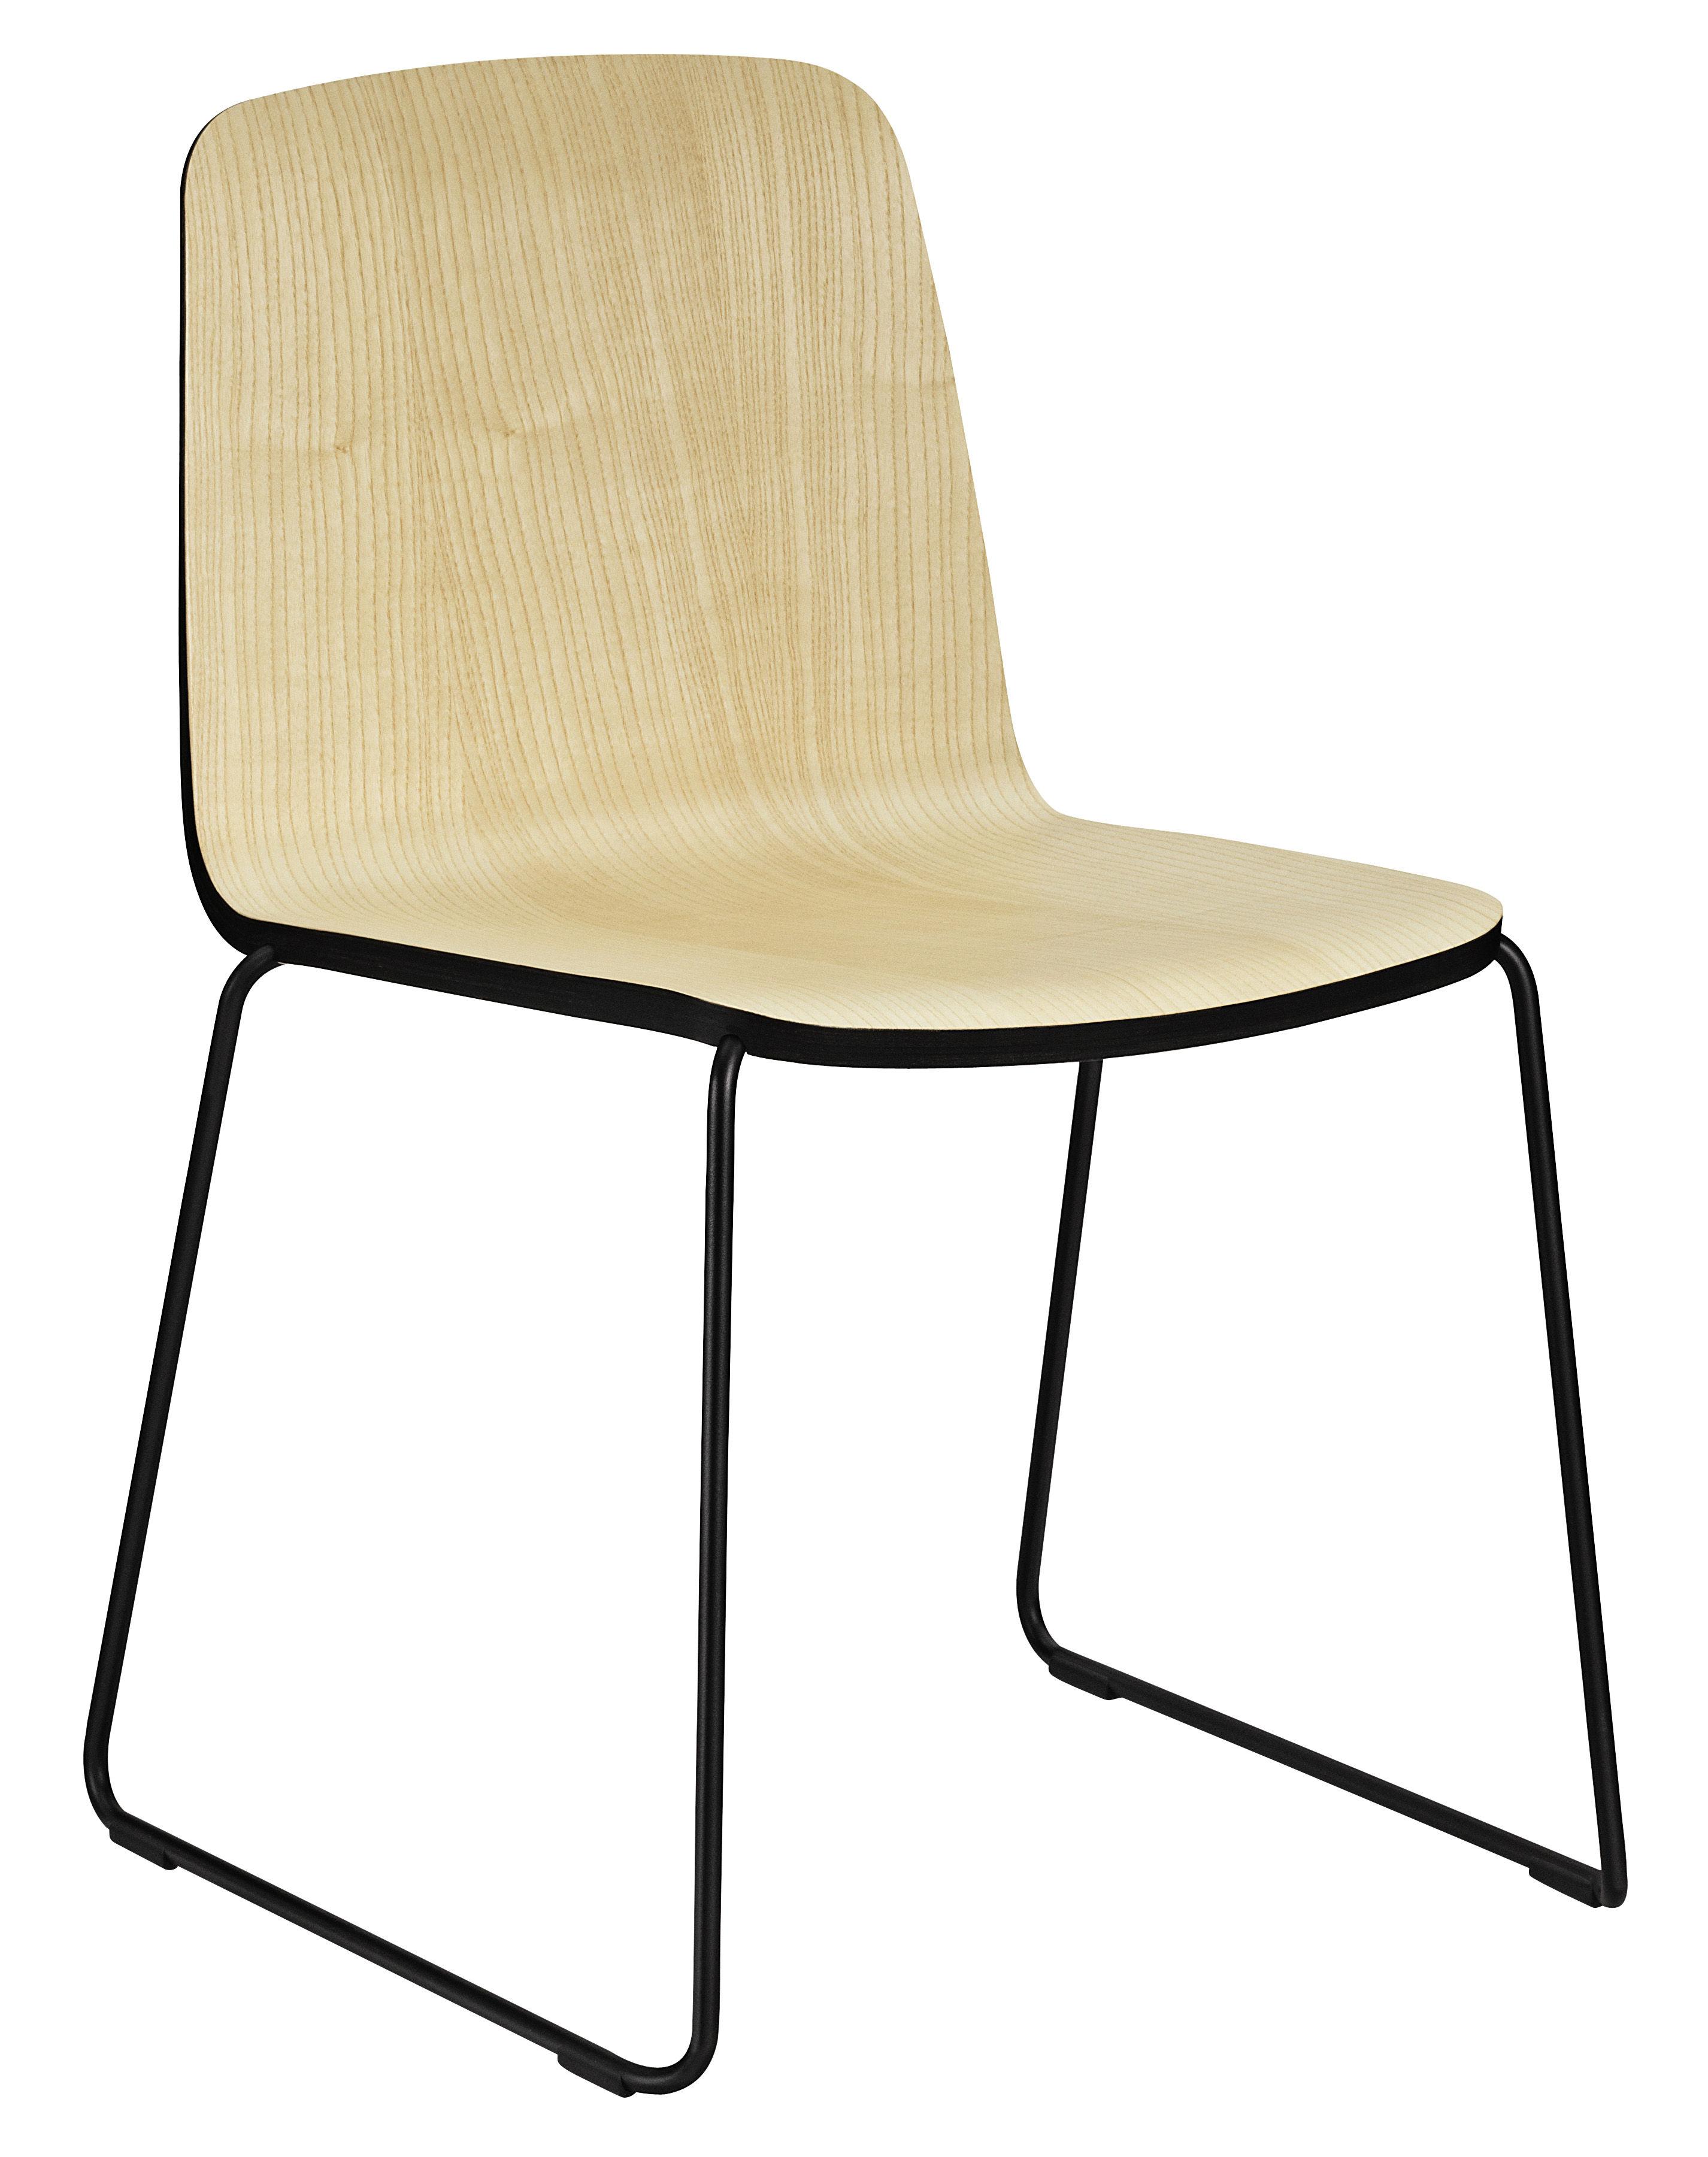 Chaise empilable Just / Bois - Normann Copenhagen noir/bois naturel en bois